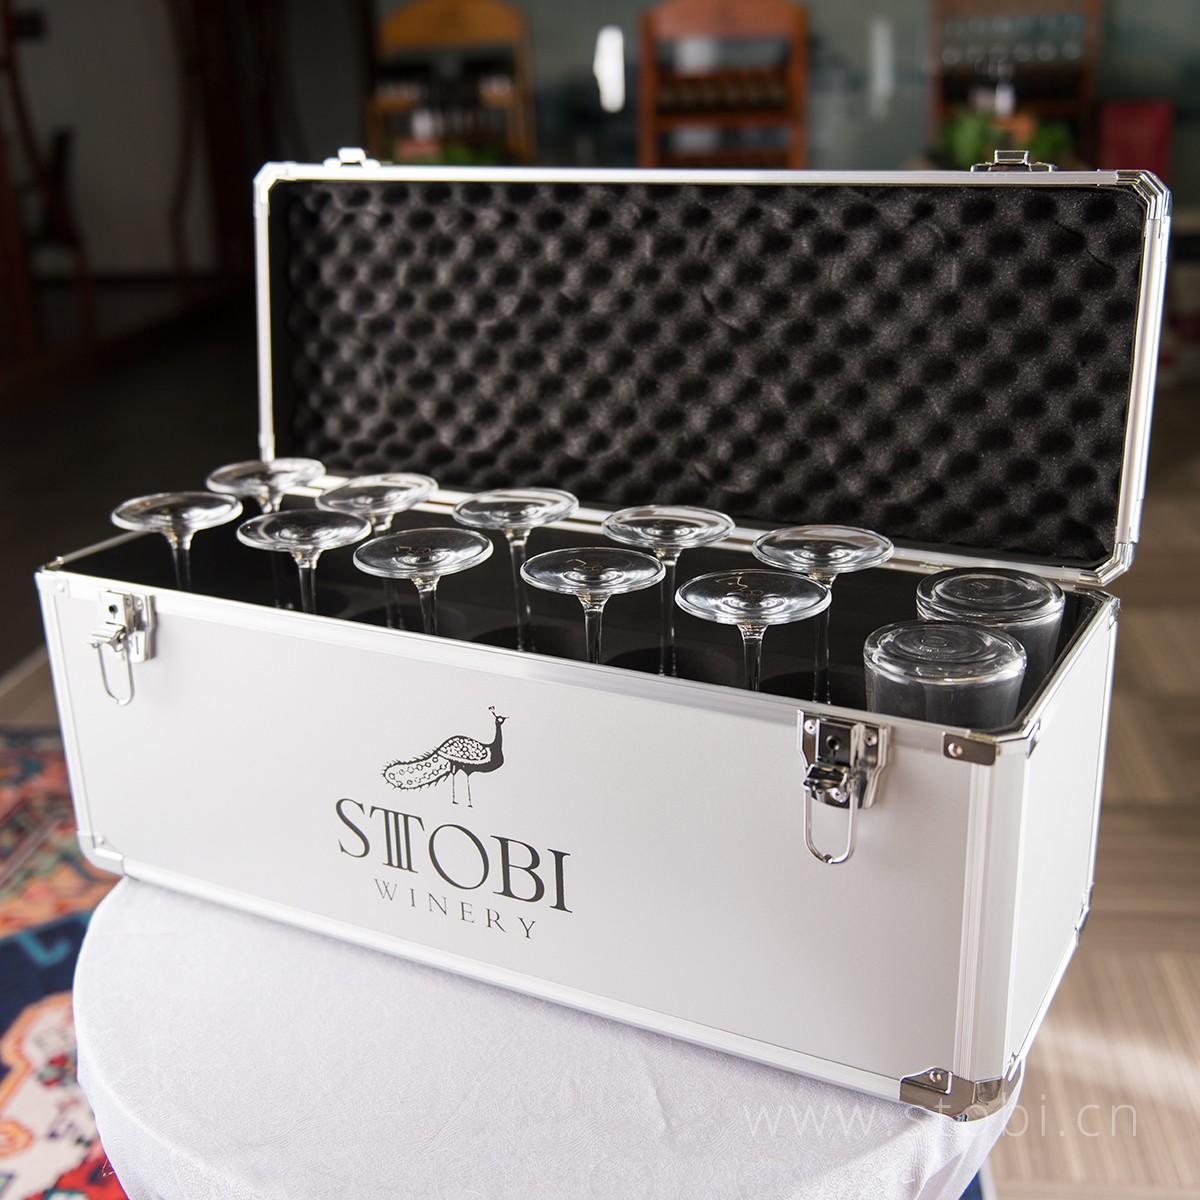 黑色收纳箱+10个水晶杯+2个醒酒器